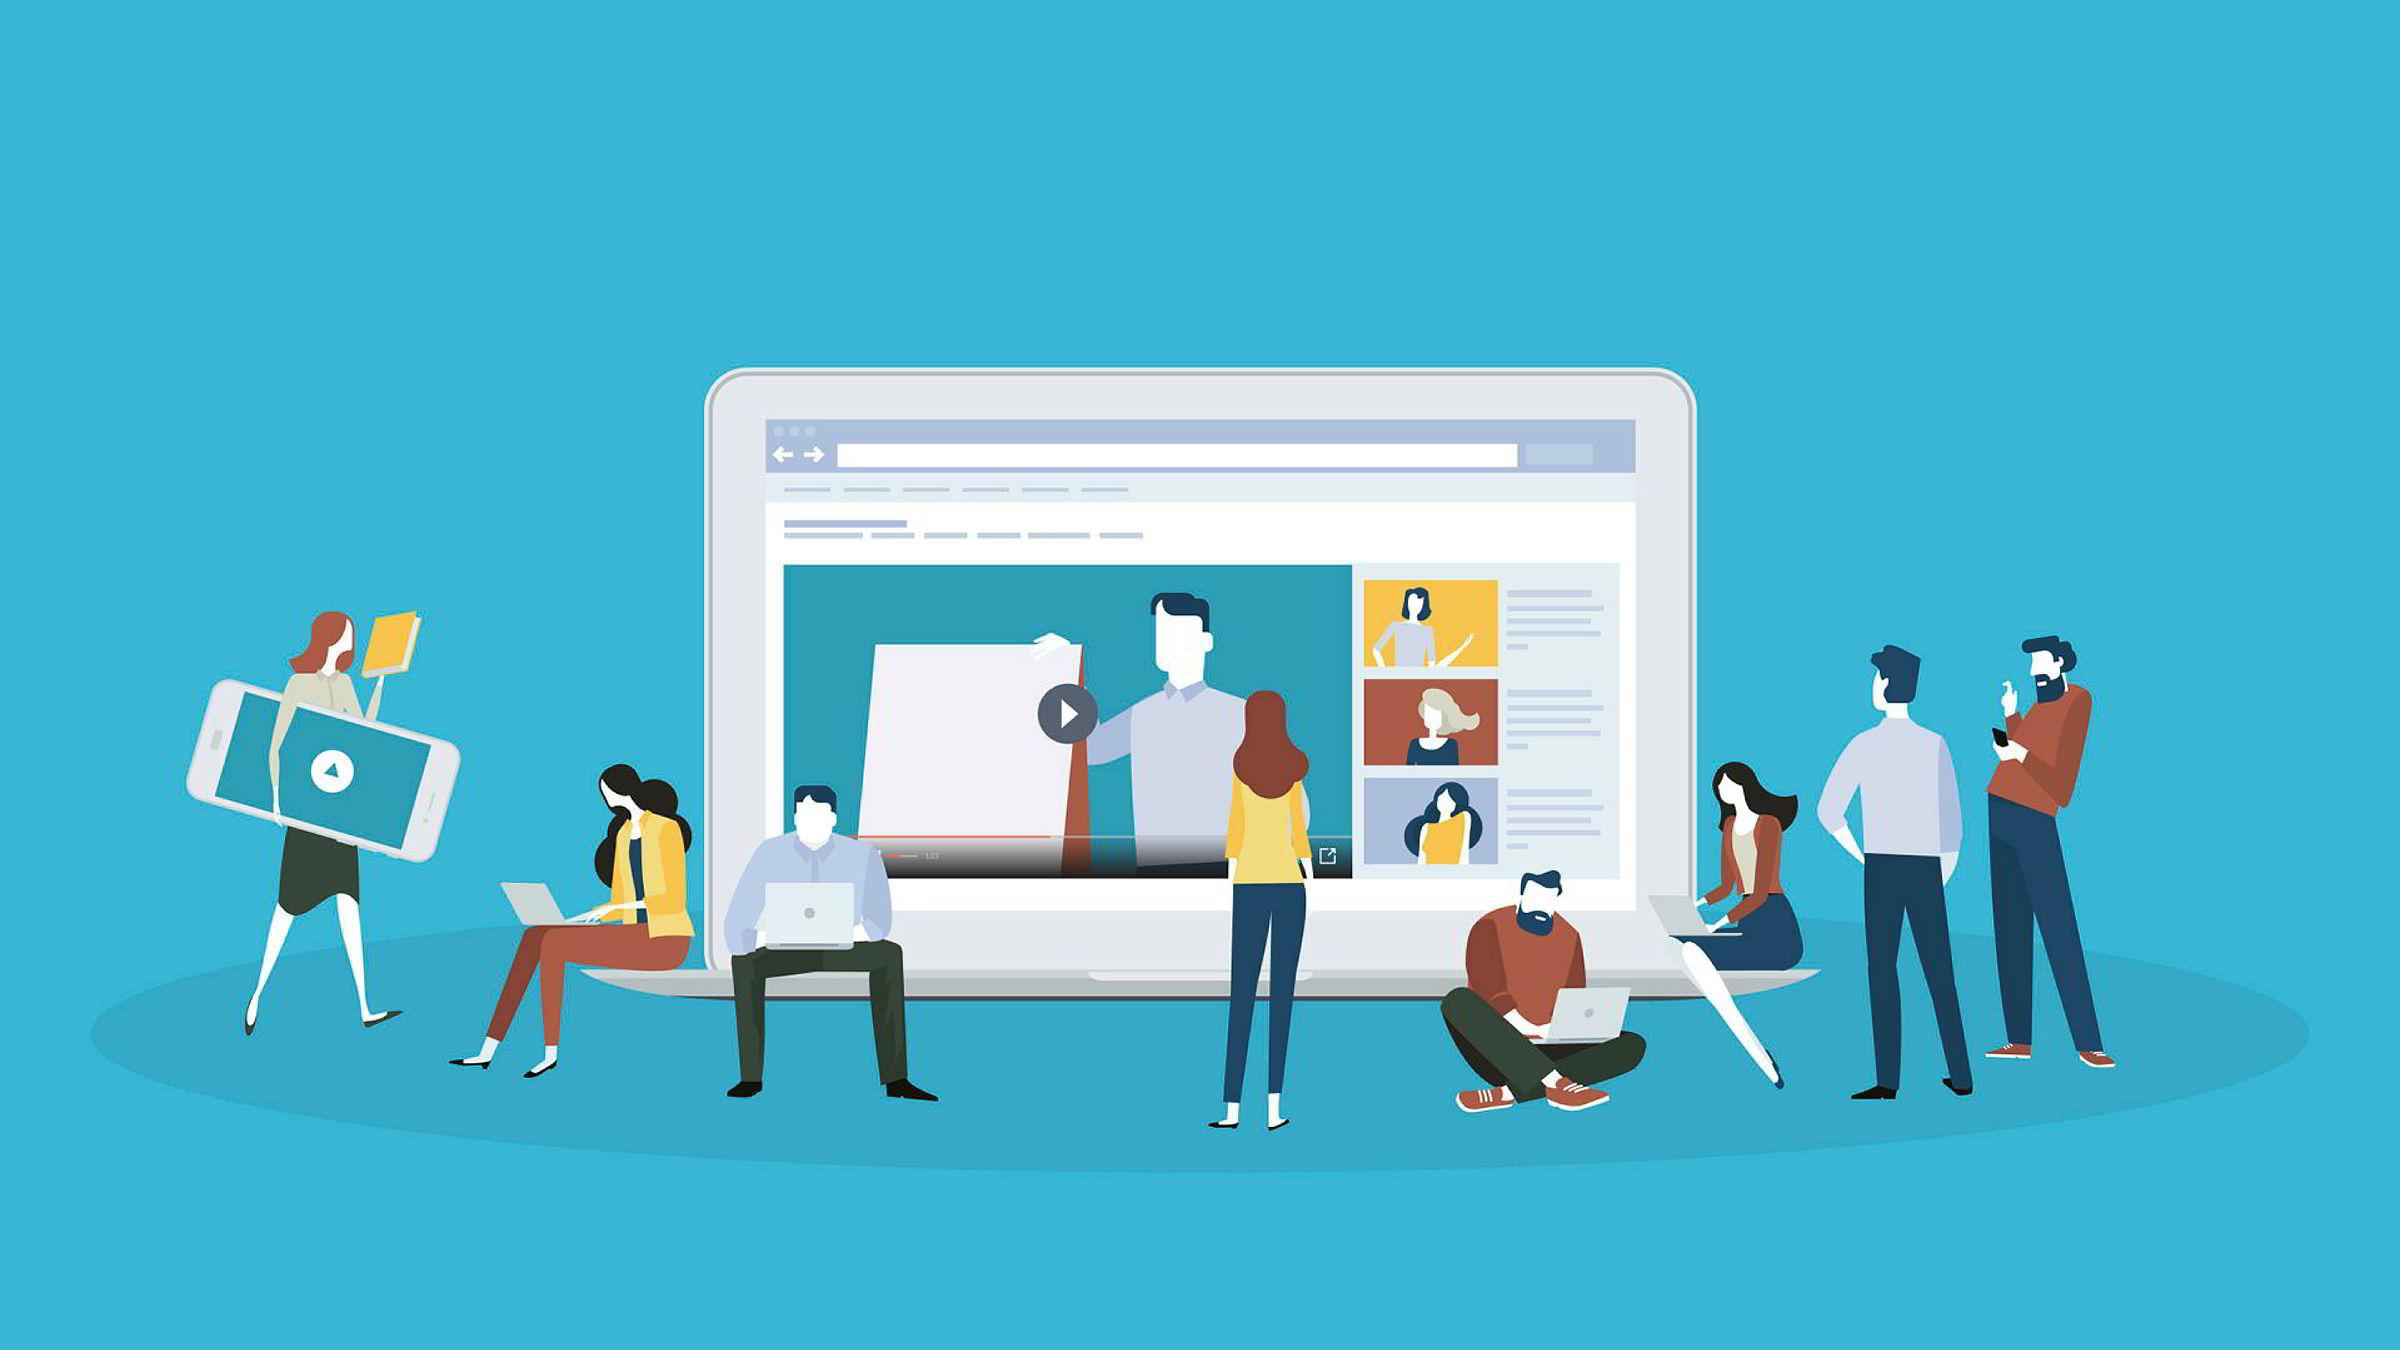 Med høy digital kompetanse er Norge godt posisjonert for å bruke digitaliseringen til å øke kompetansen hos den enkelte samtidig som vi skaper de nye jobbene, skriver artikkelforfatteren.